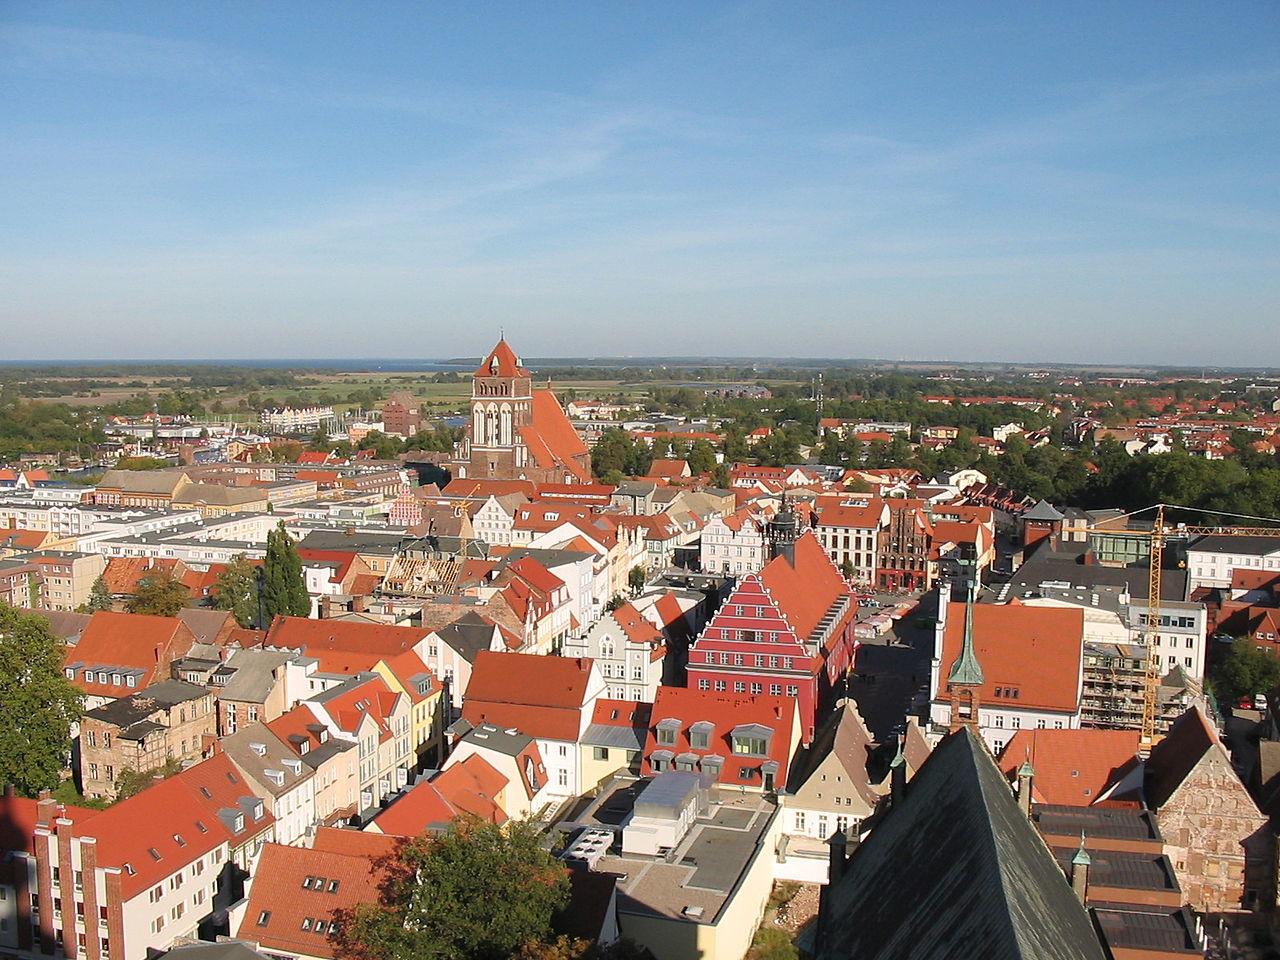 Грейфсвальд, Германия: что нужно посмотреть в городе и где вкусно пообедать